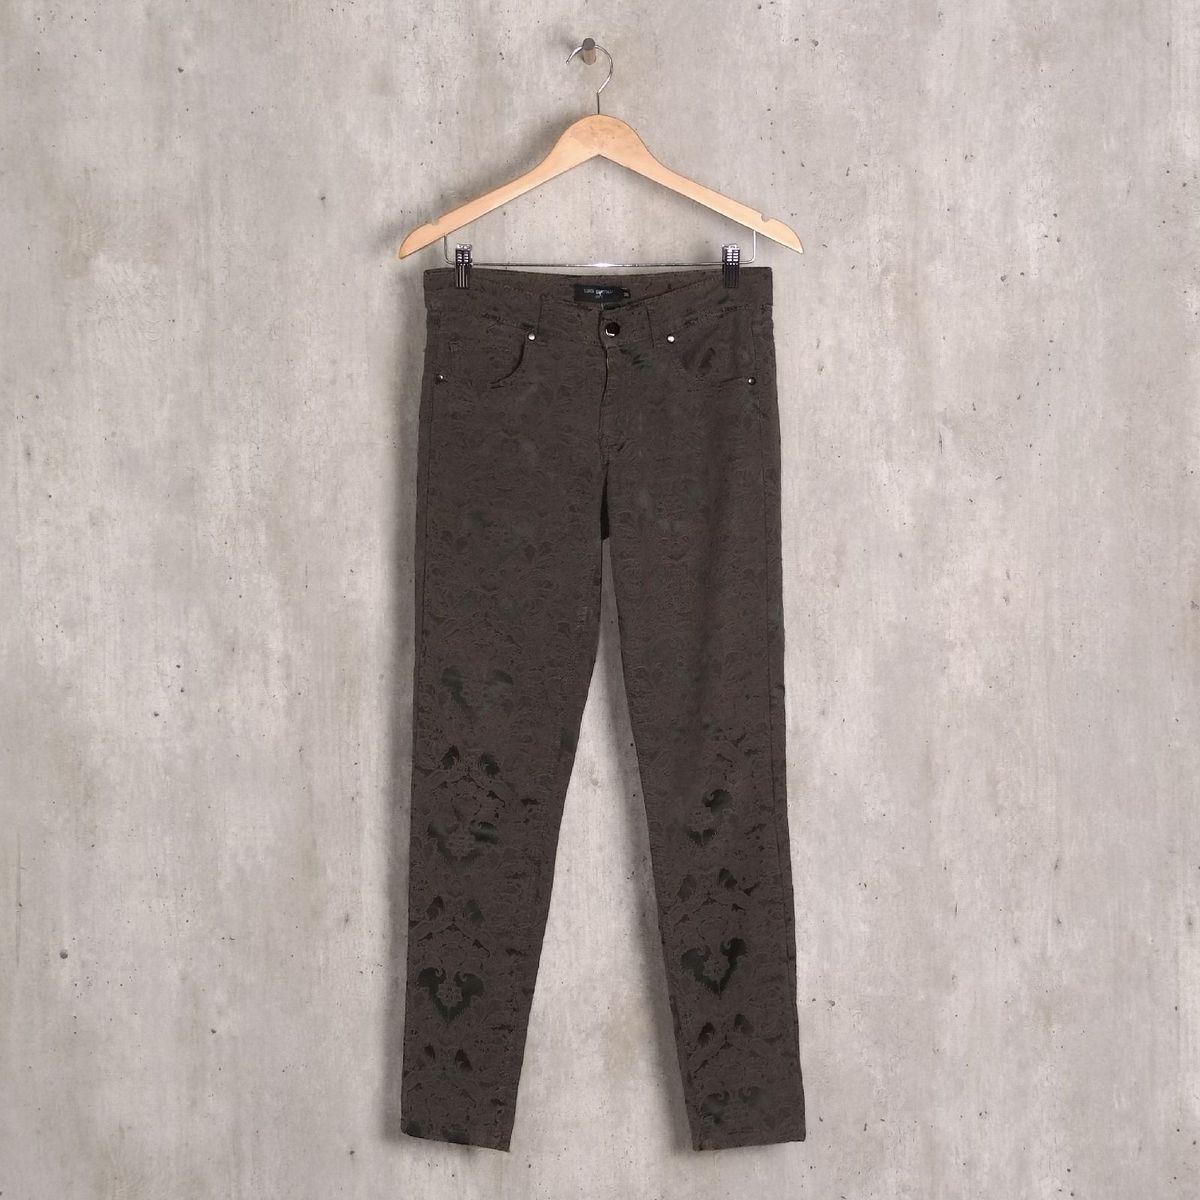 calça verde escura com arabesco - calças luigi bertolli